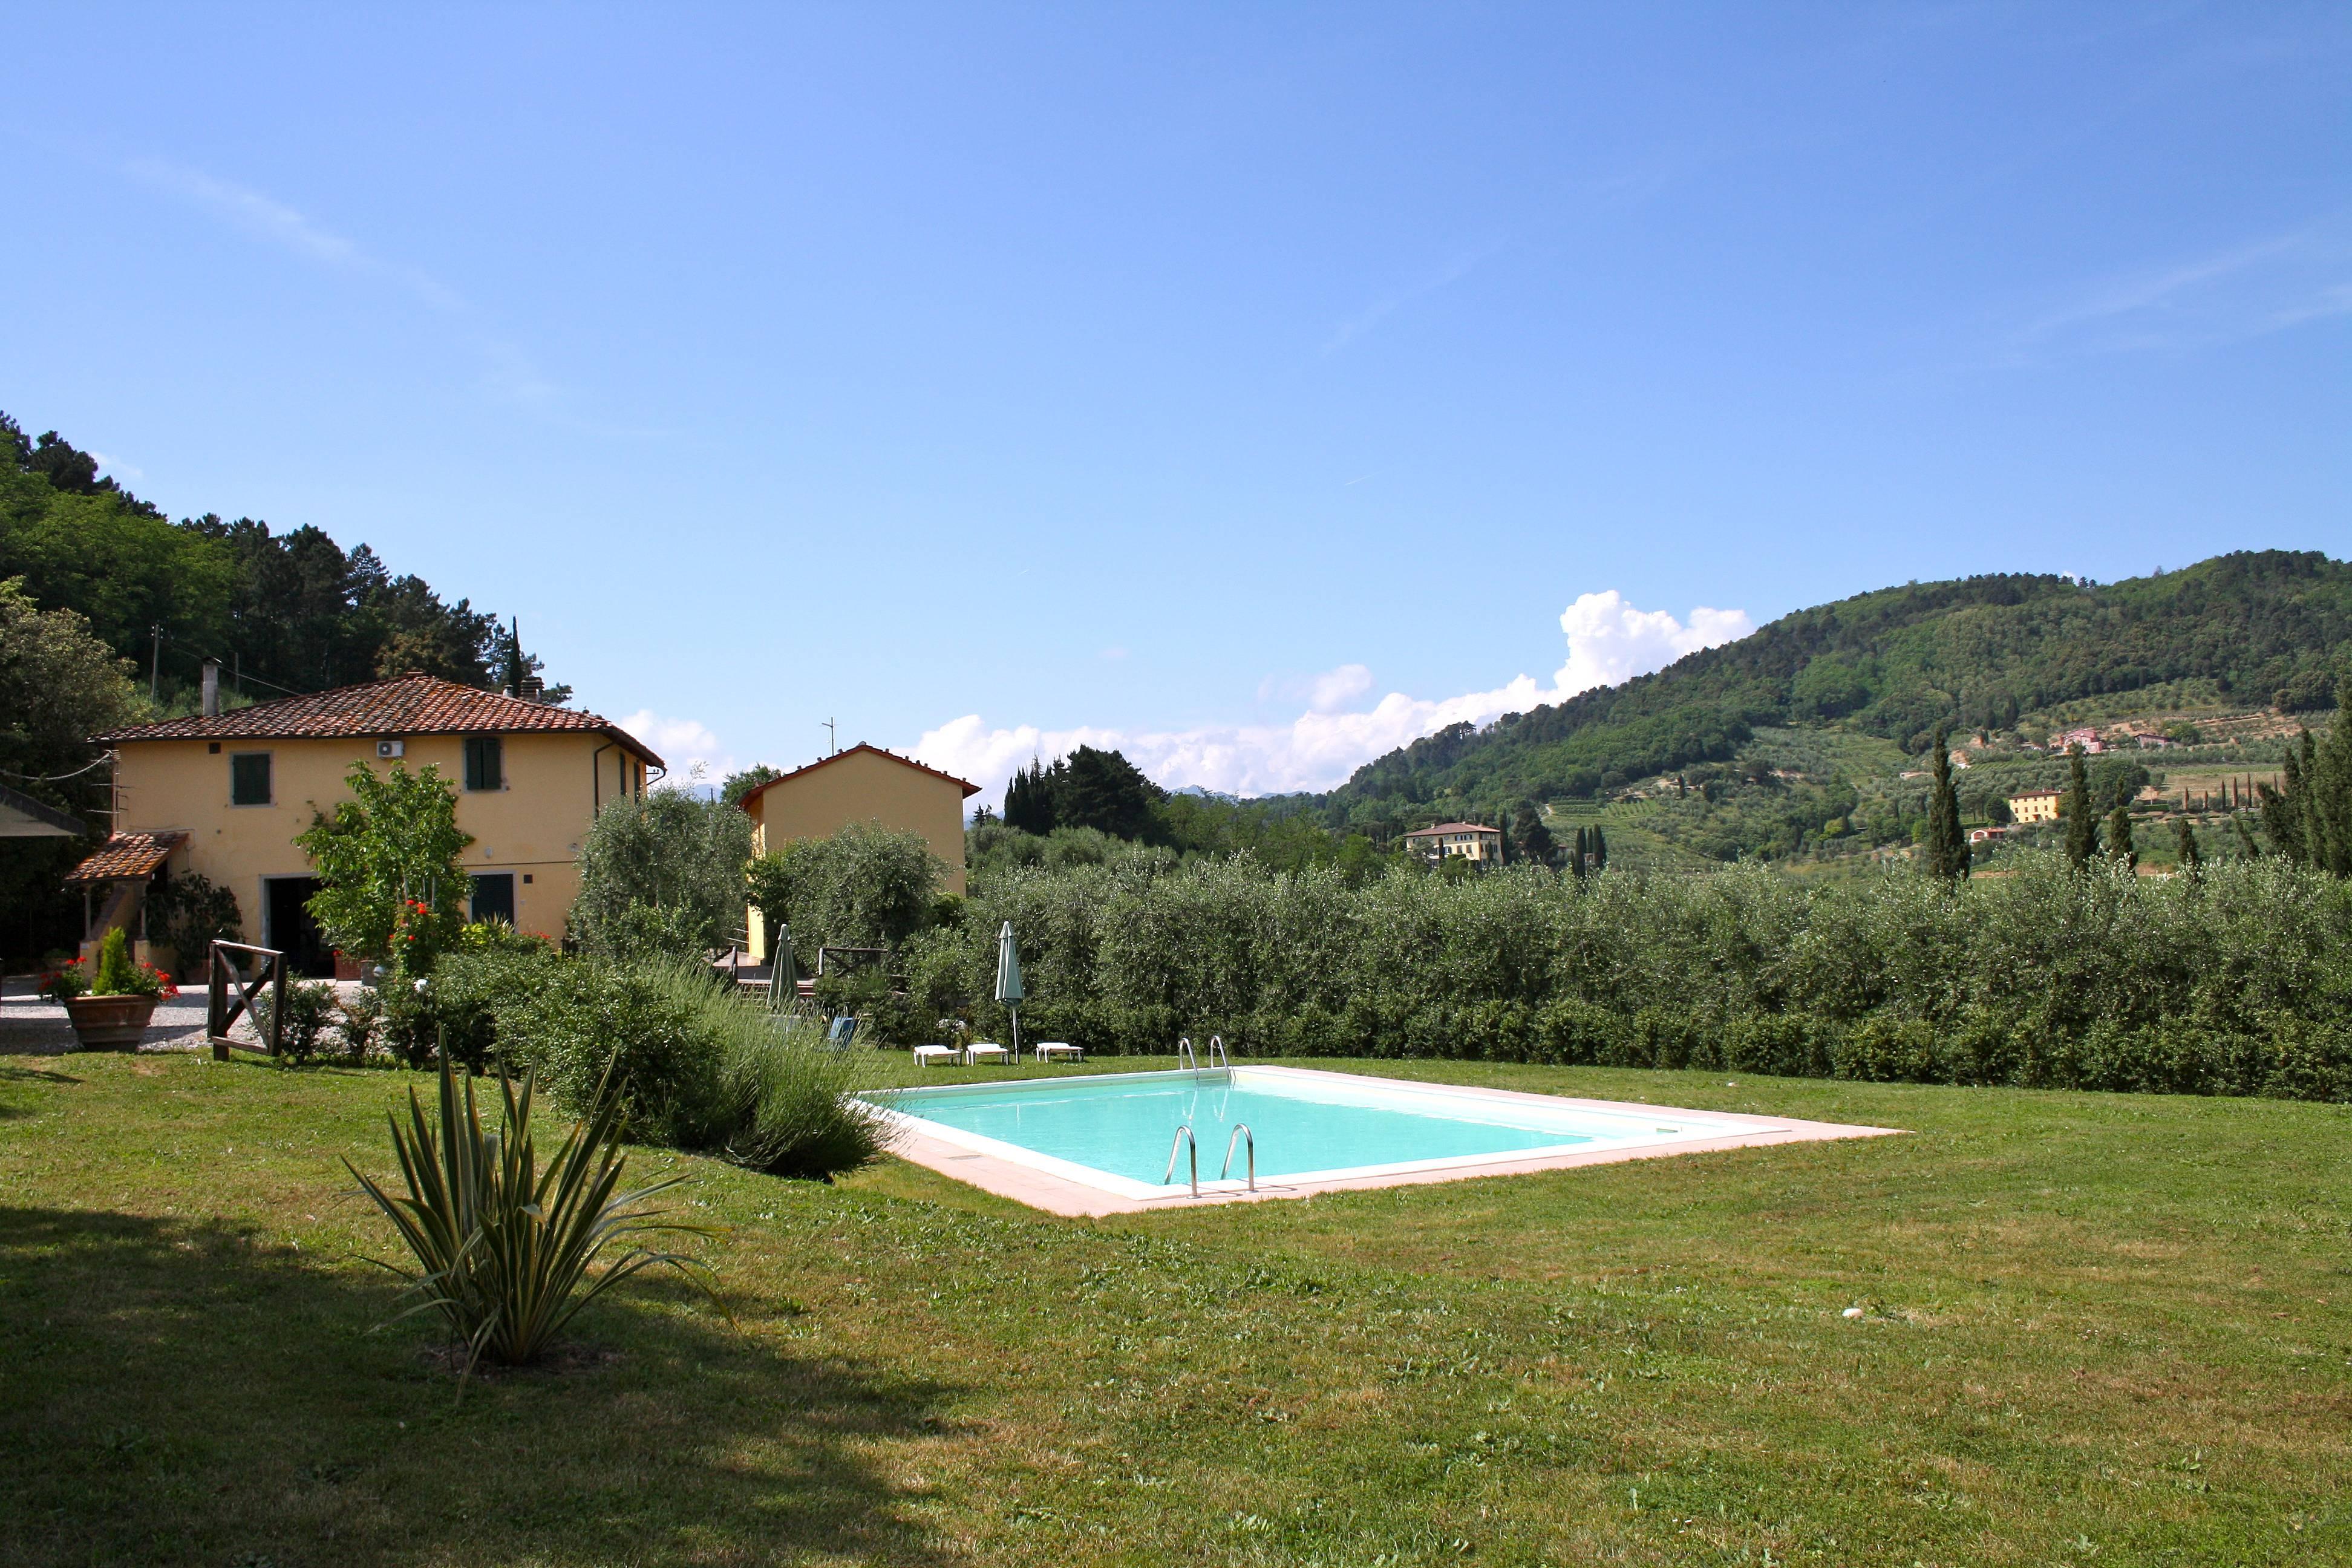 Apartamento En Alquiler Con Piscina Santo Stefano Lucca